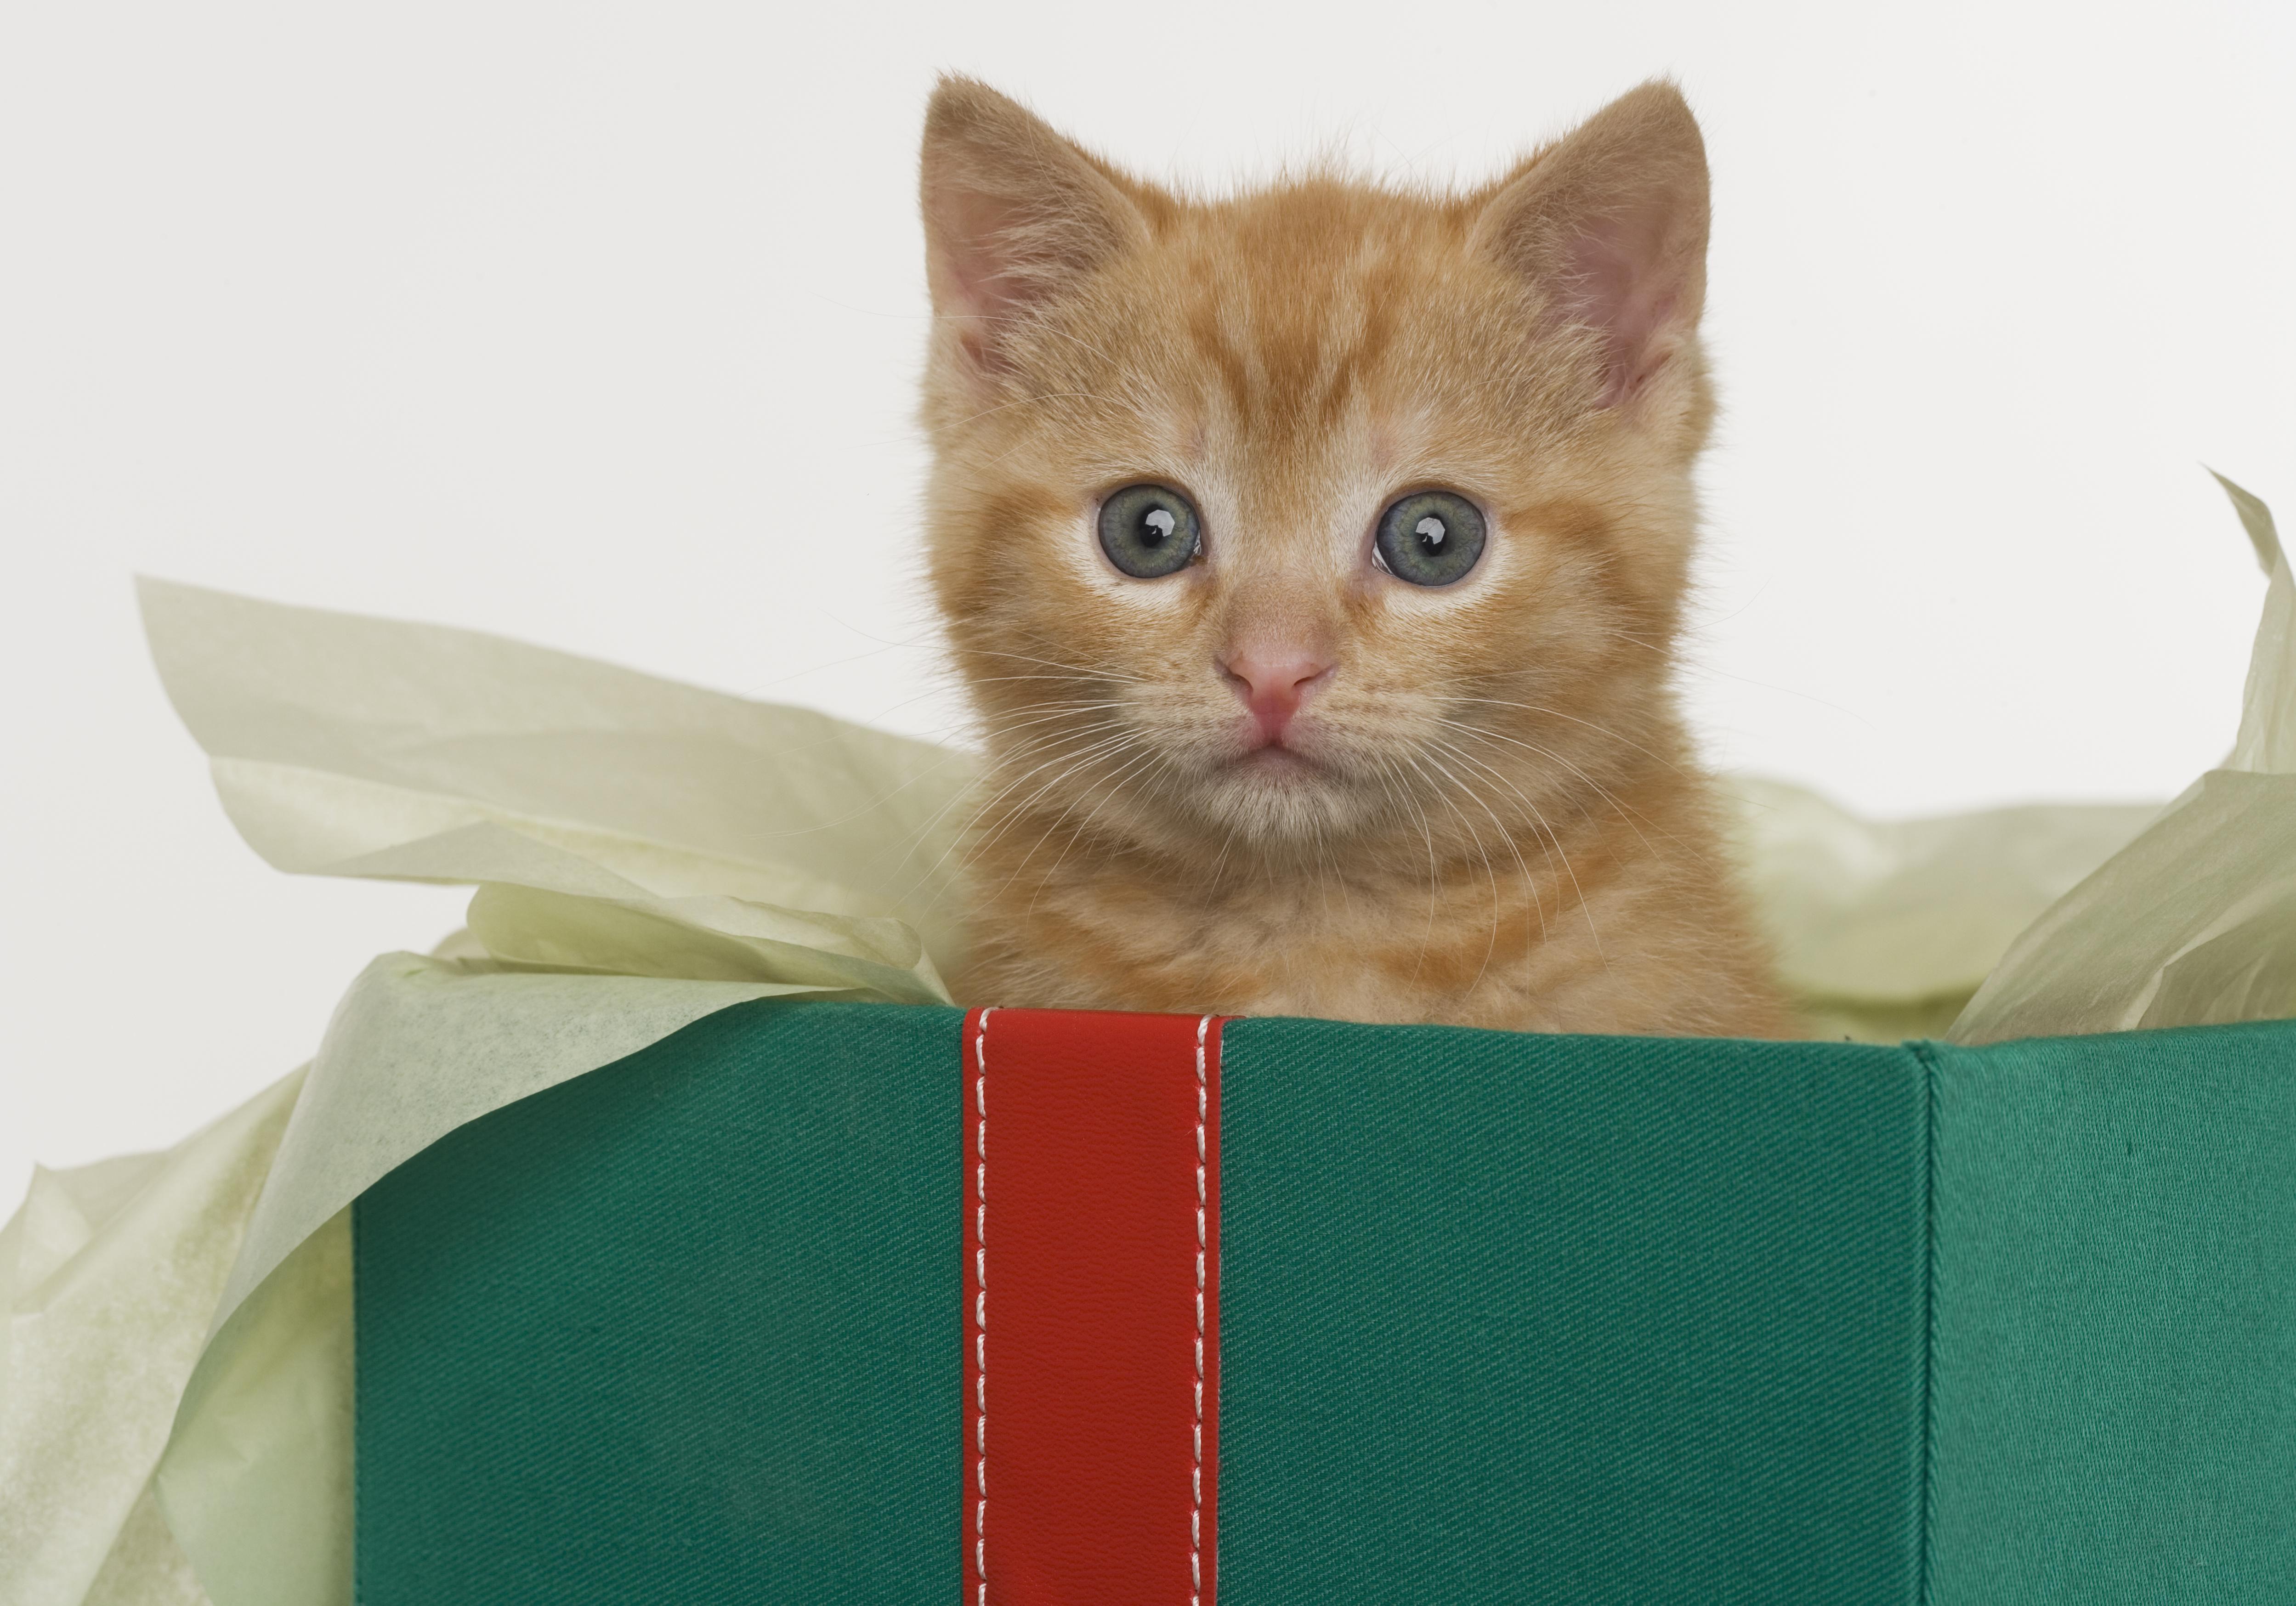 Kitten peeking out of gift box